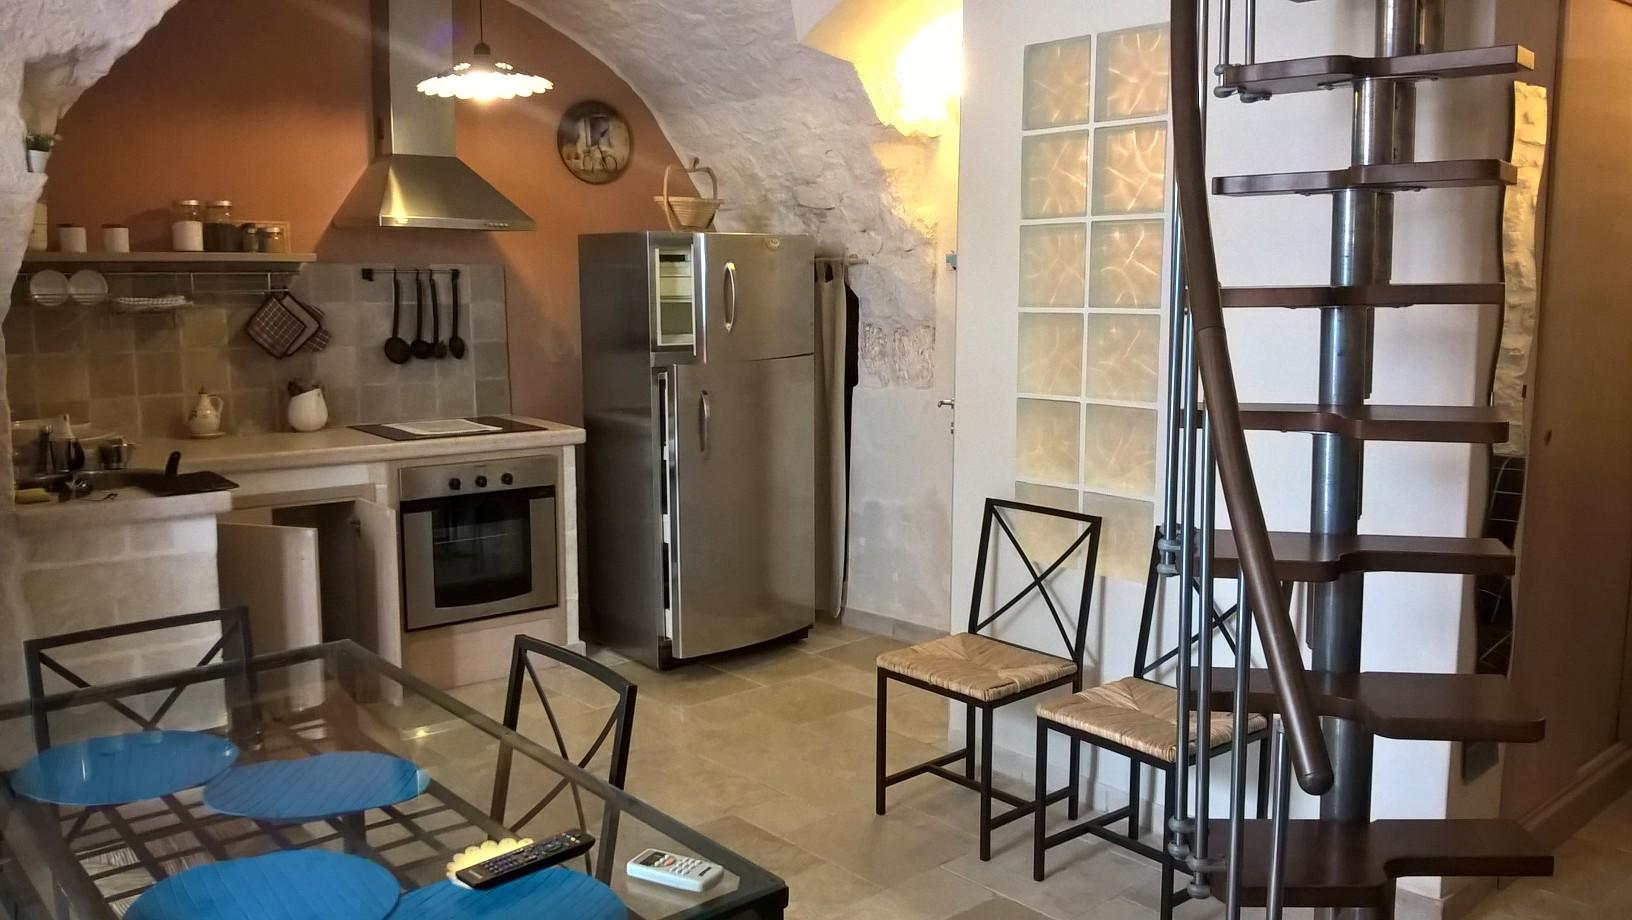 Soluzione Indipendente in vendita a Ostuni, 1 locali, prezzo € 82.000 | Cambio Casa.it